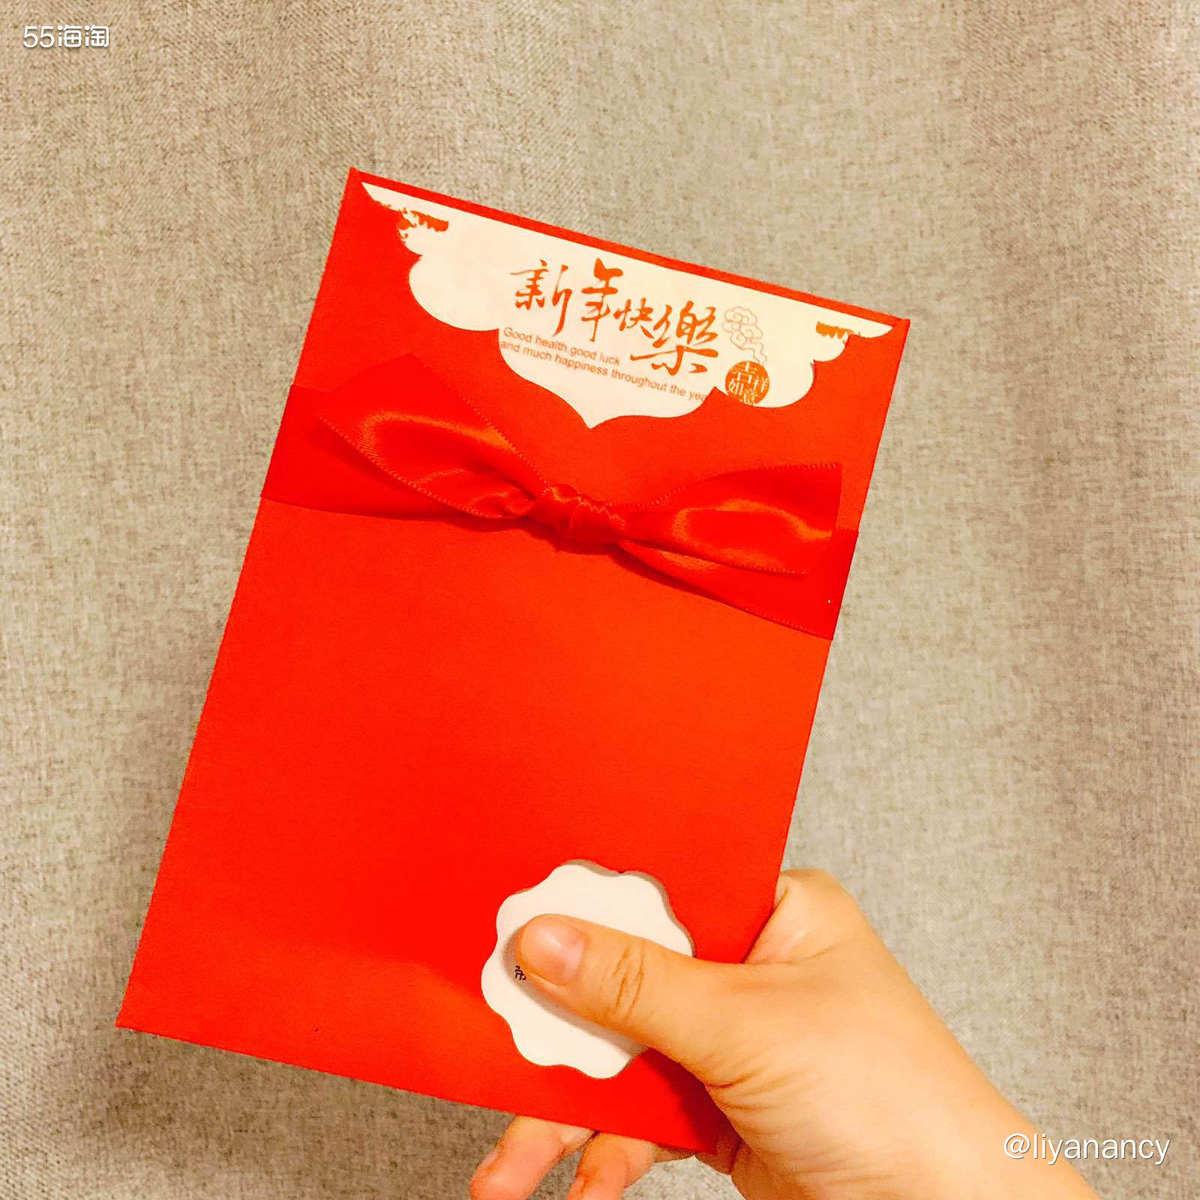 纸短情长 祝福满满  ✨其实礼物正好是圣诞节那天到的,小编们